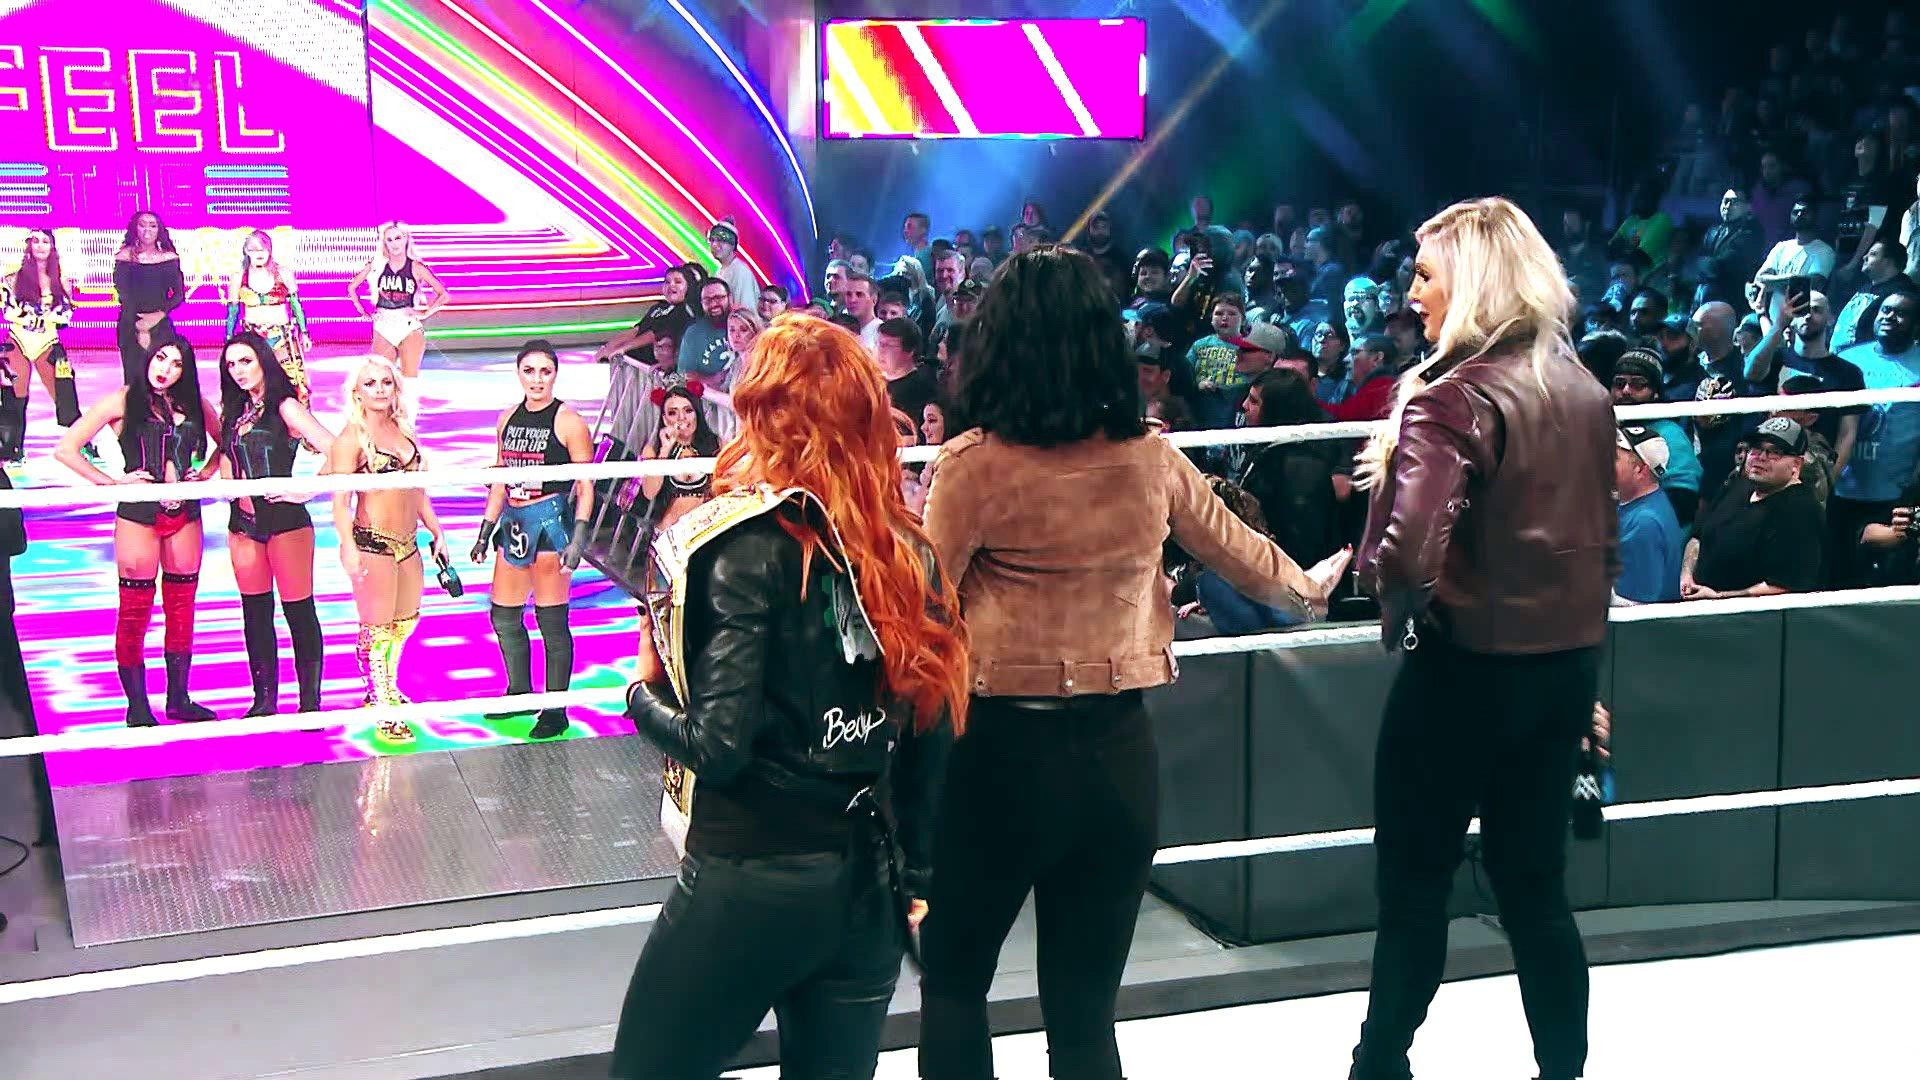 Regardez comment le Tout Premier Match Féminin TLC est devenu réalité: SmackDown LIVE, 4 Décembre 2018